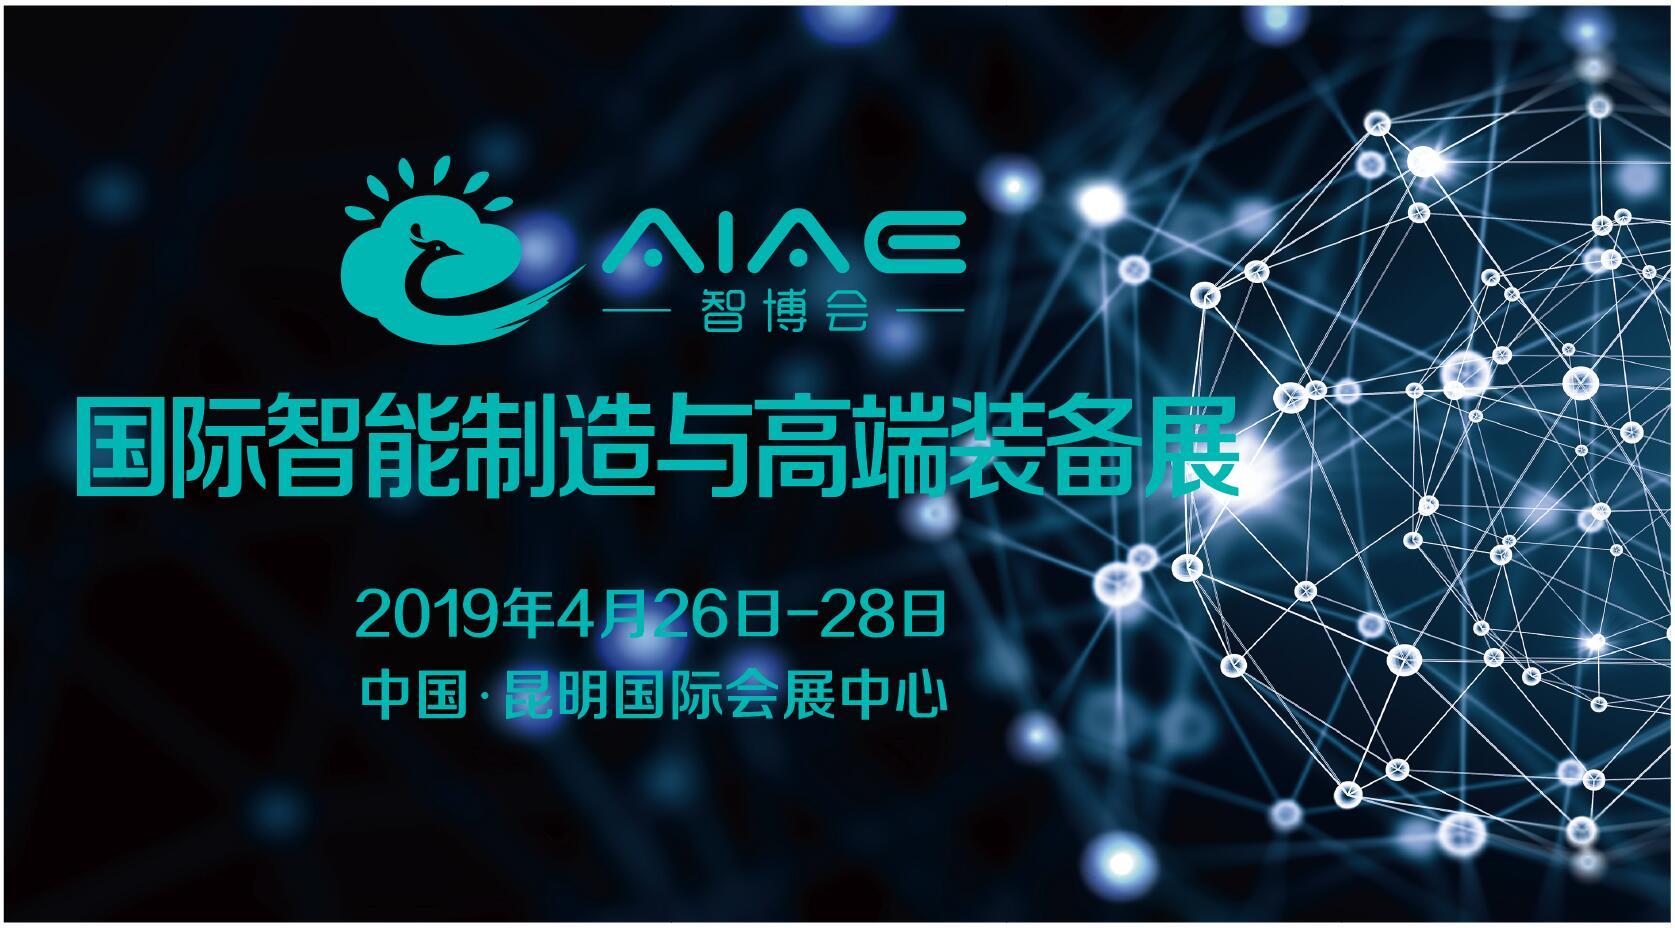 国际人工智能与智能制造高端装备博览会